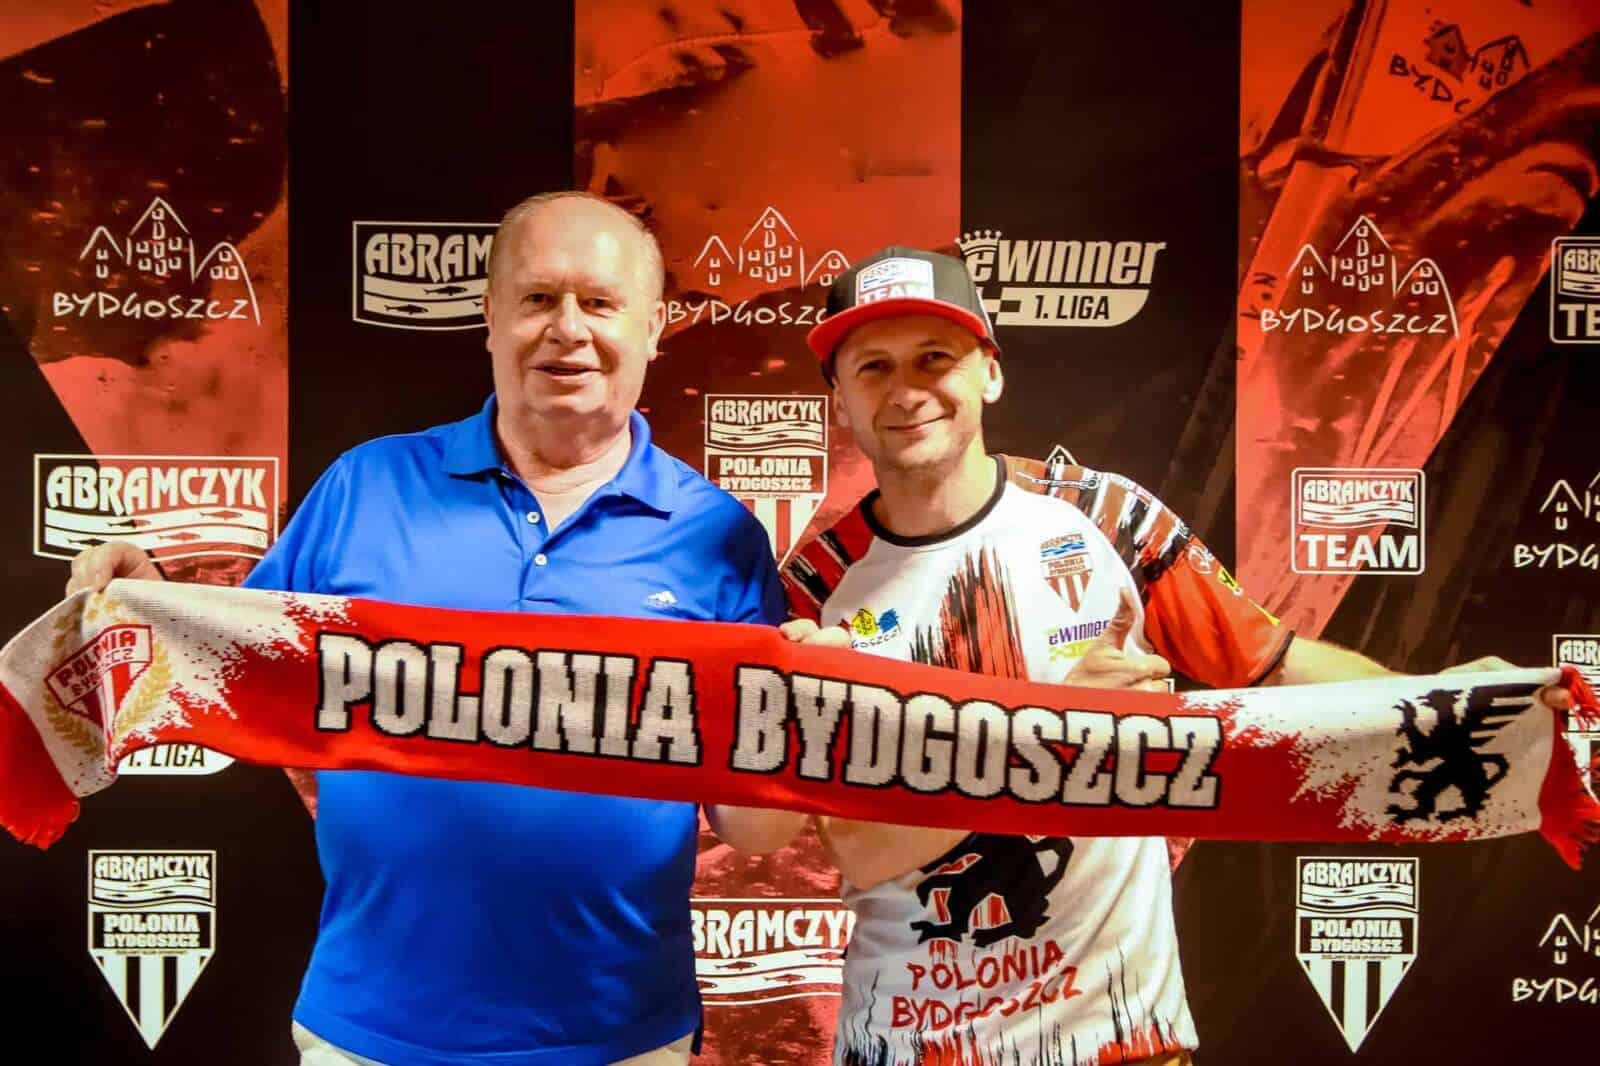 Abramczyk Polonia